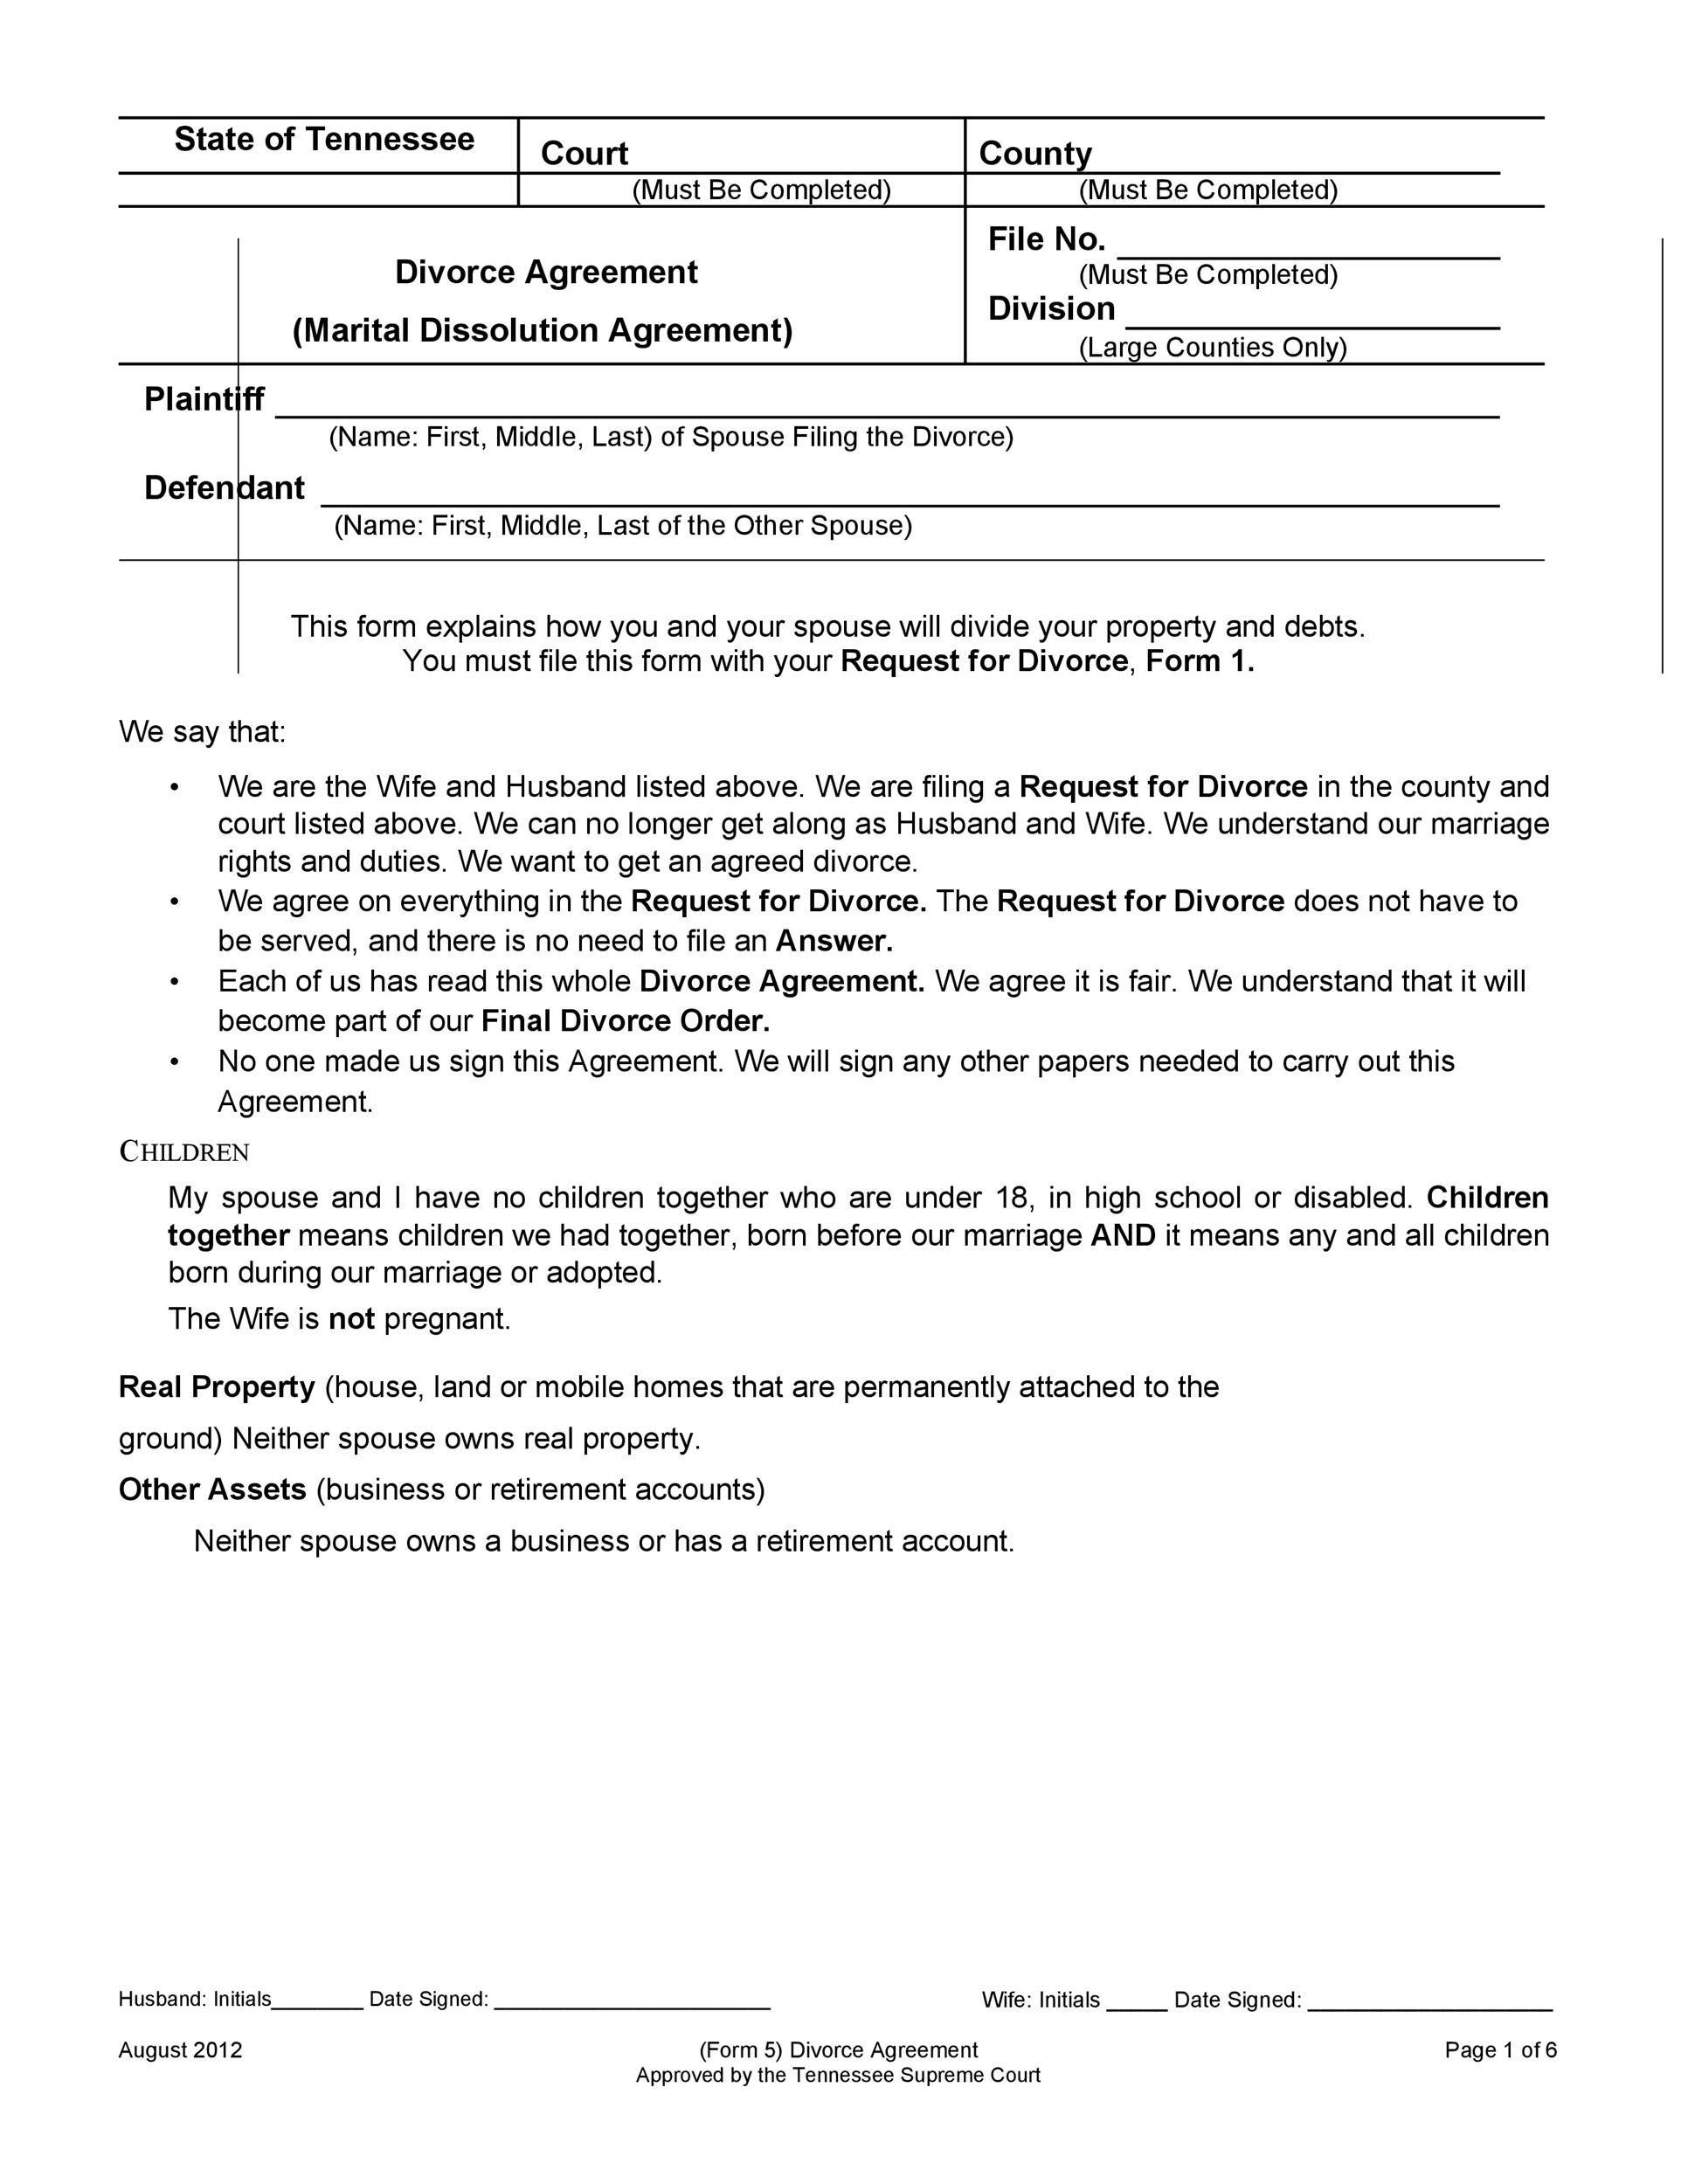 004 Dreaded Divorce Settlement Agreement Template Photo  Sample New York Marital Uk South AfricaFull